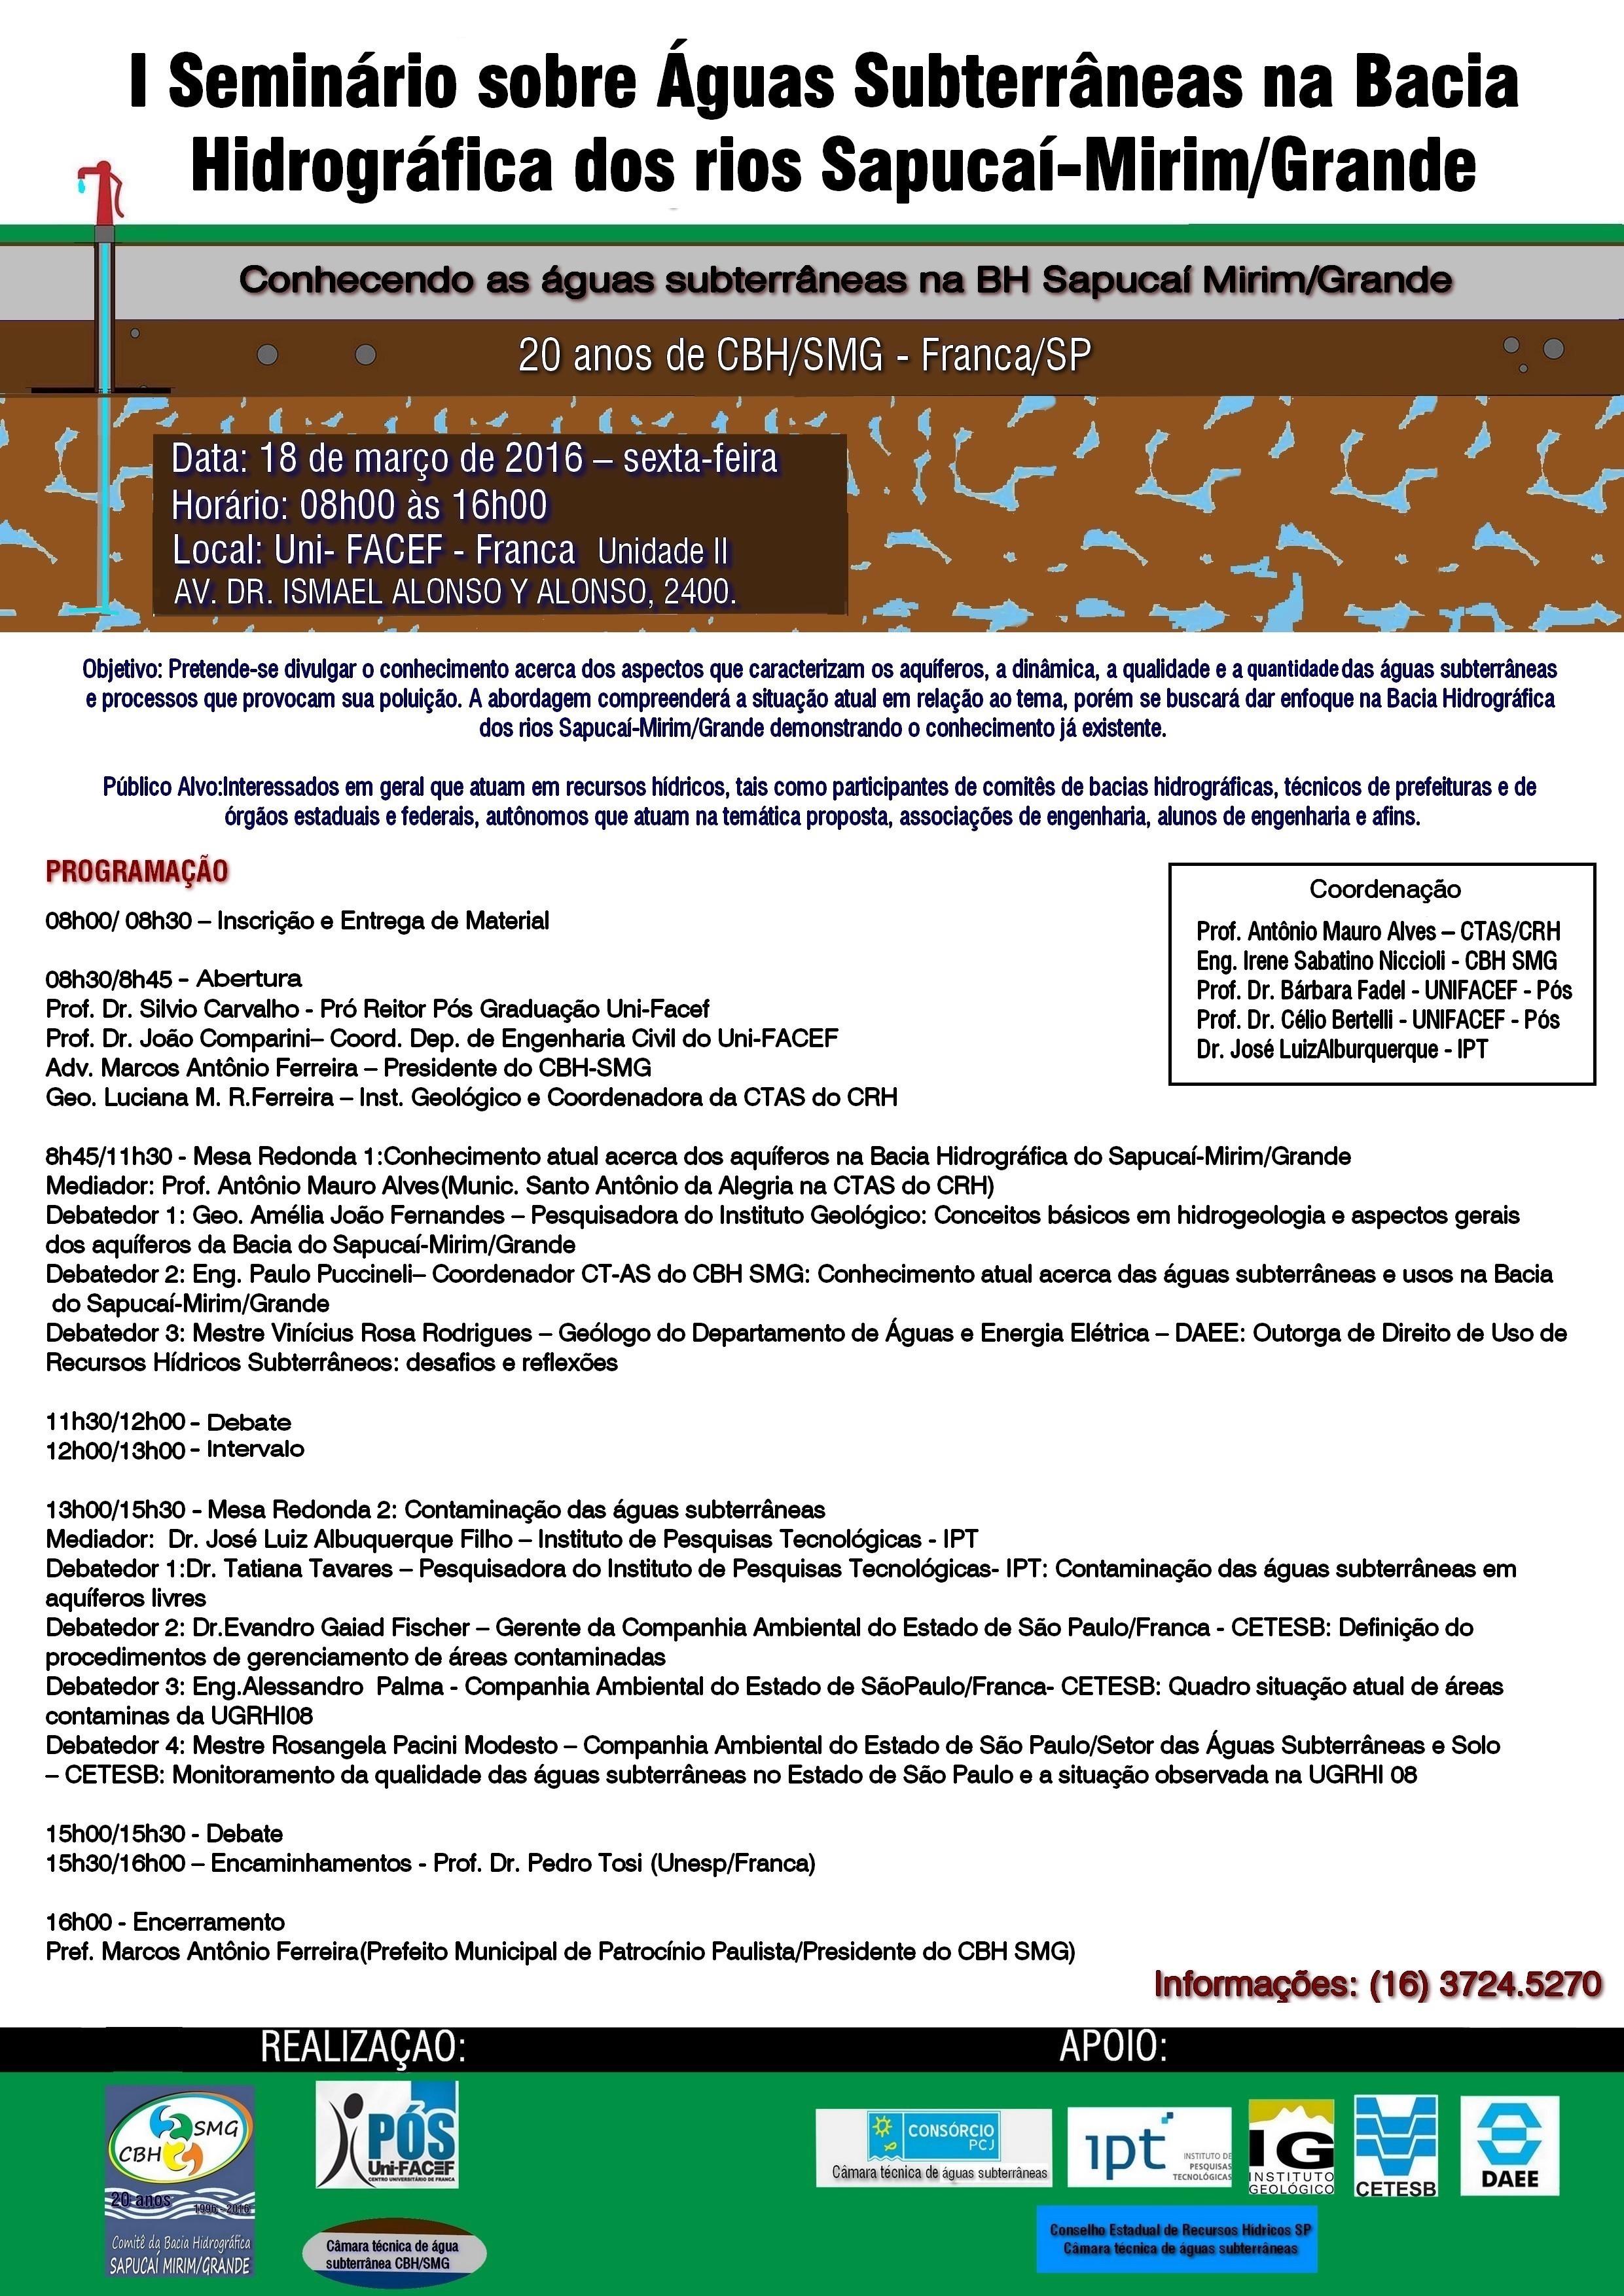 I Seminário sobre águas subterrâneas na bacia hidrográfica dos rios Sapucaí-Mirim/Grande